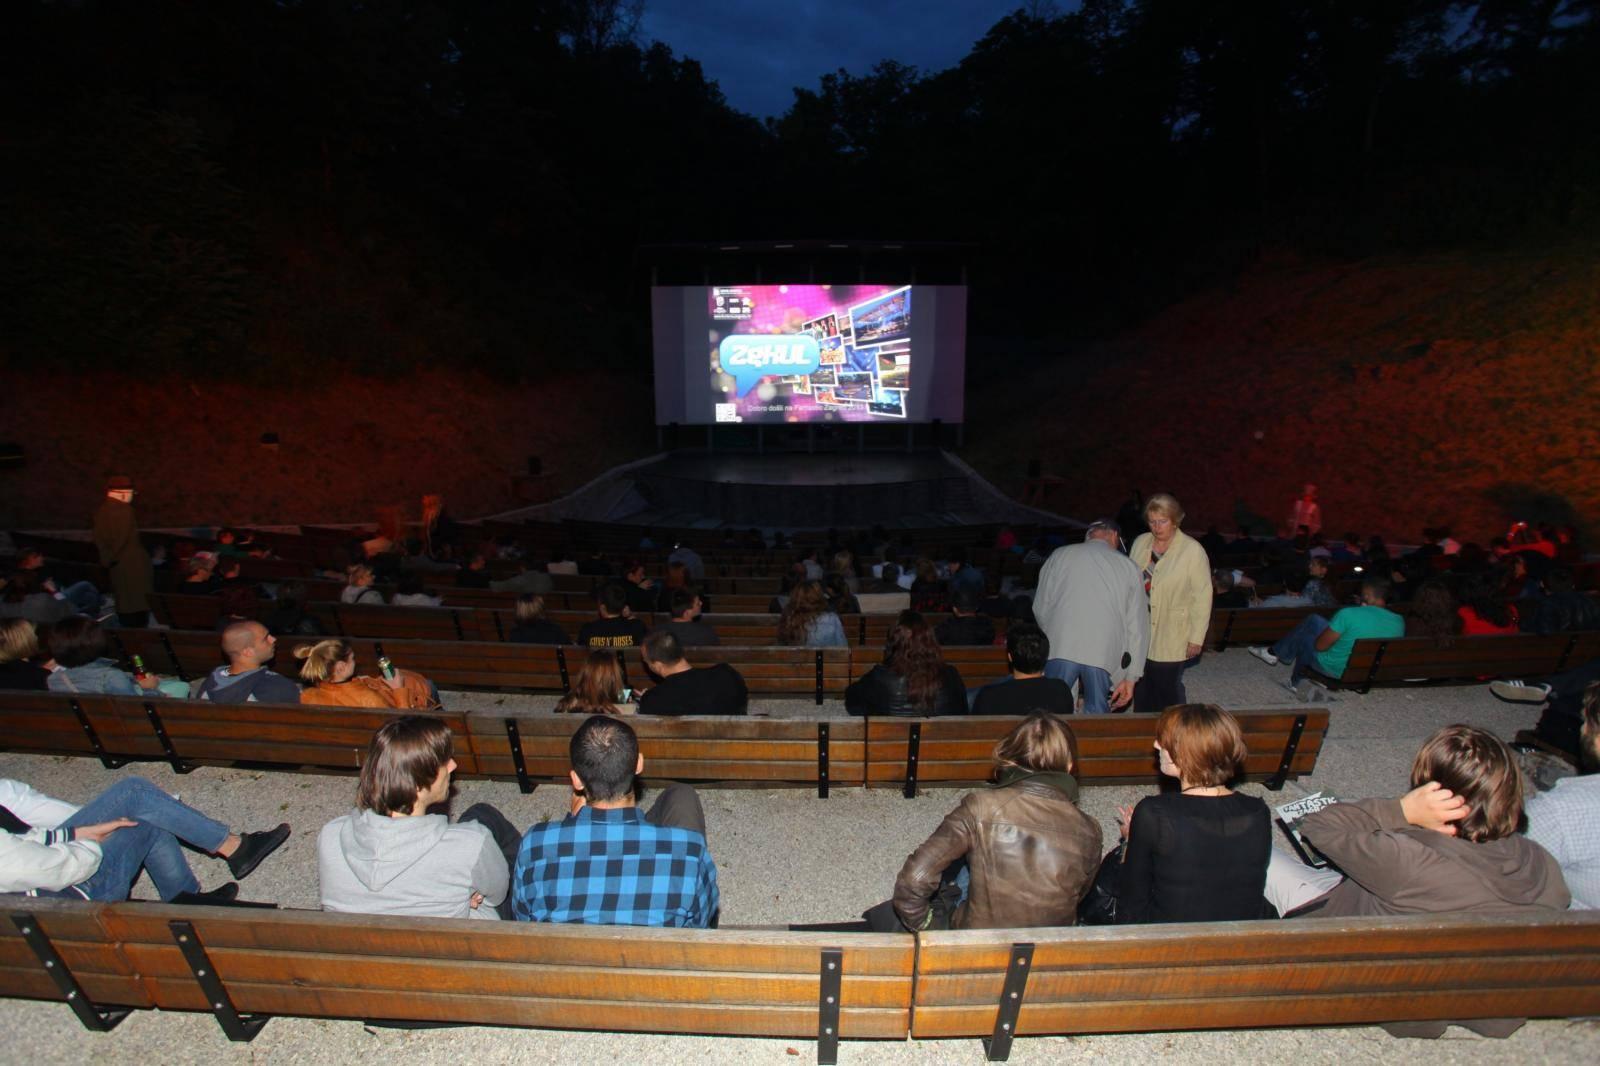 Ljetna pozornica Tuškanac nudi bogate večeri filma i koncerte